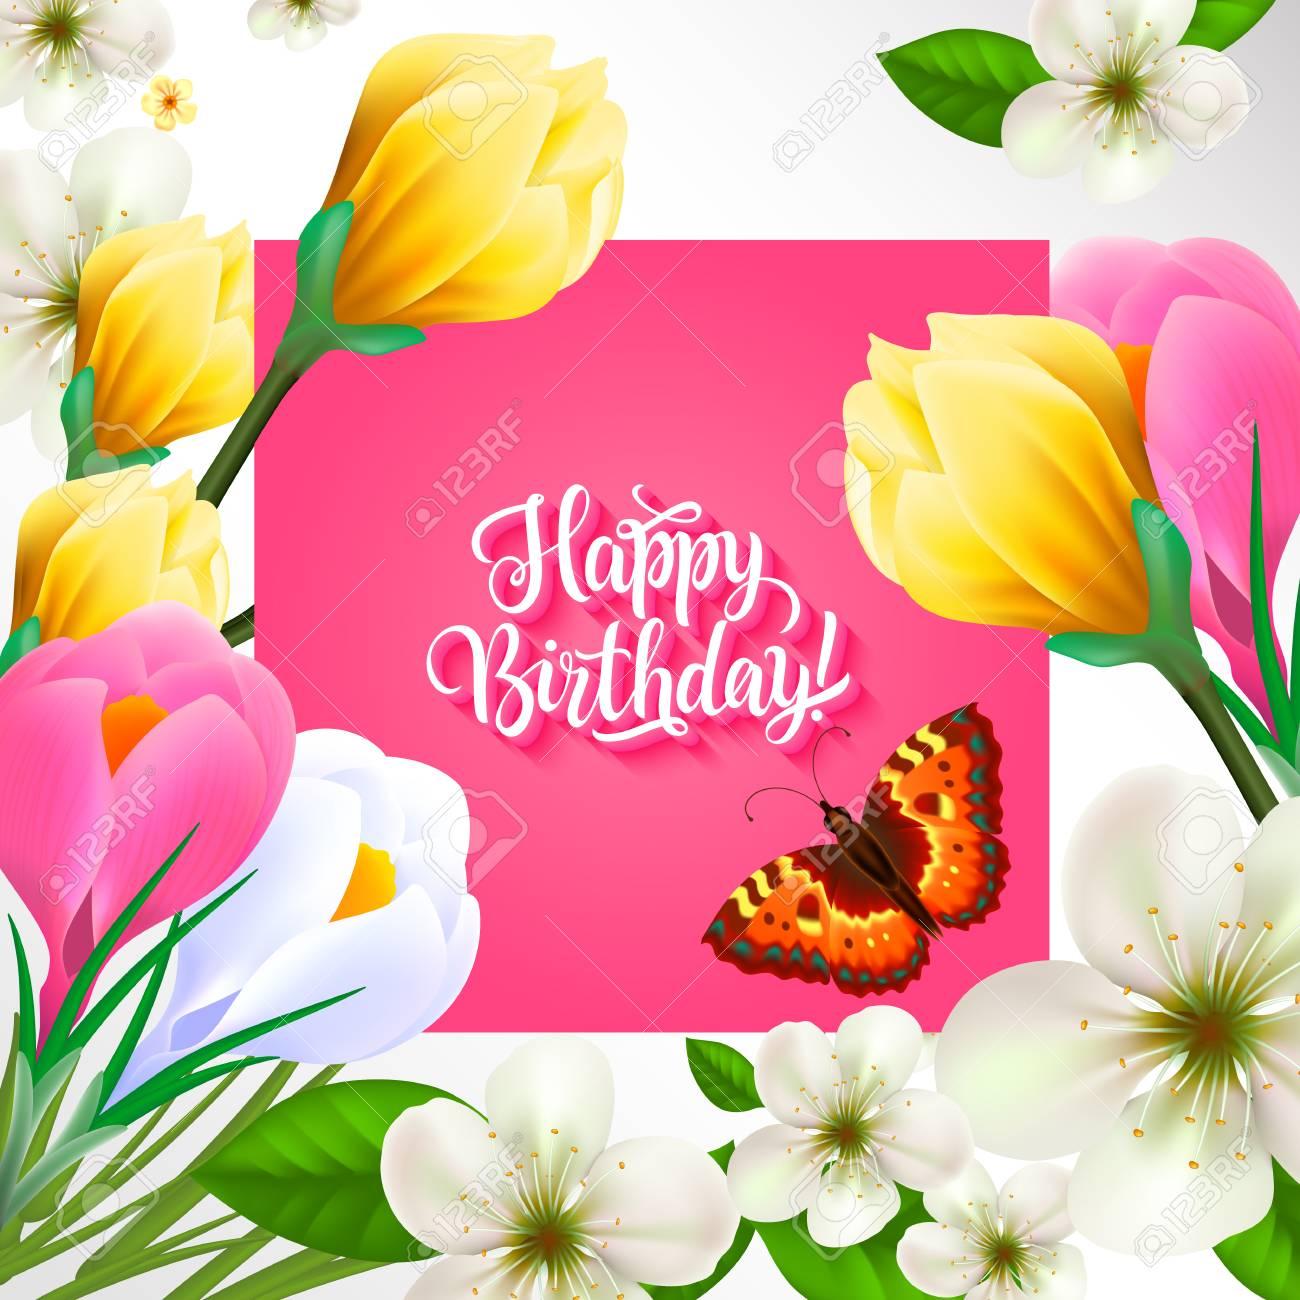 Joyeux Anniversaire Lettrage Avec Fleurs Et Papillons Texte